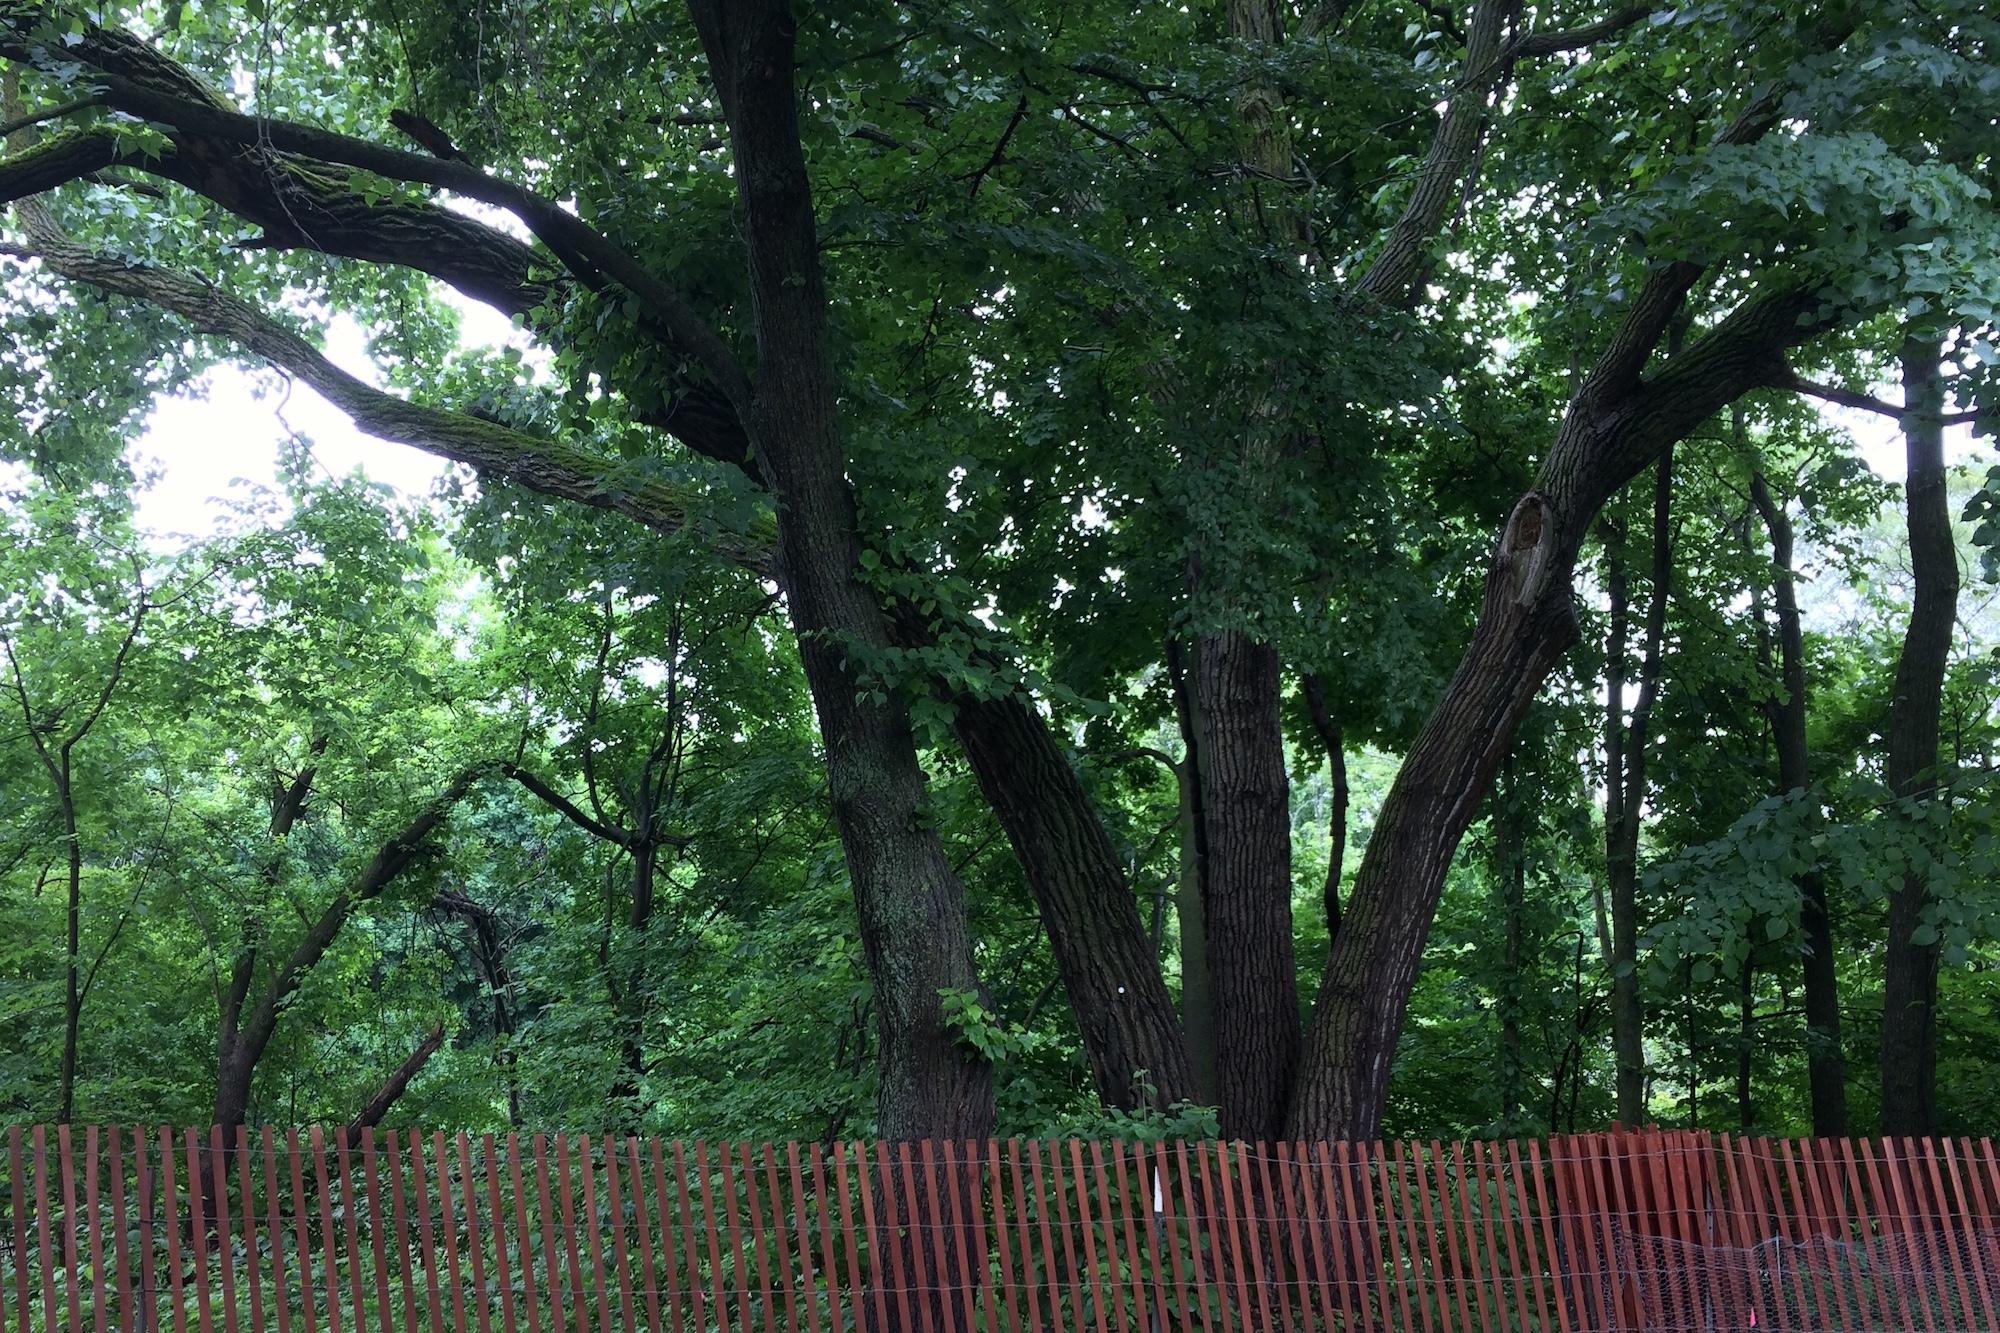 Cottonwood at the Ladd Arboretum